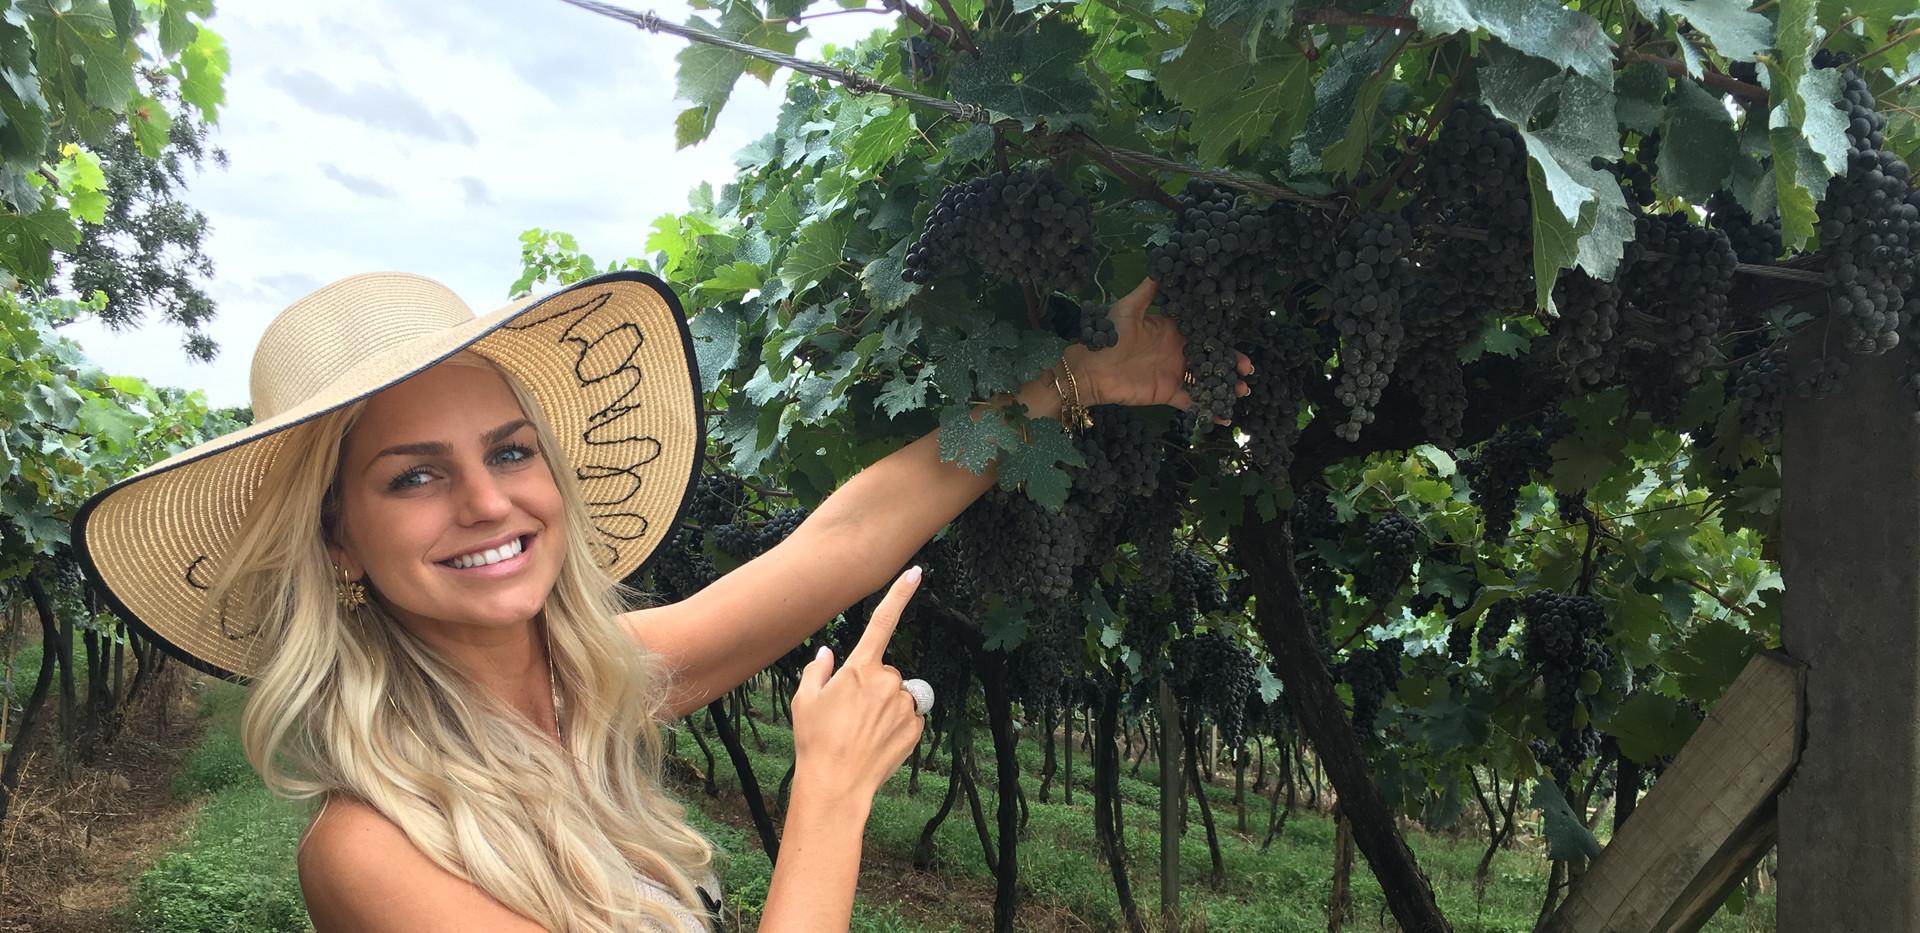 Pesquisa para dieta do Vinho & Champagne